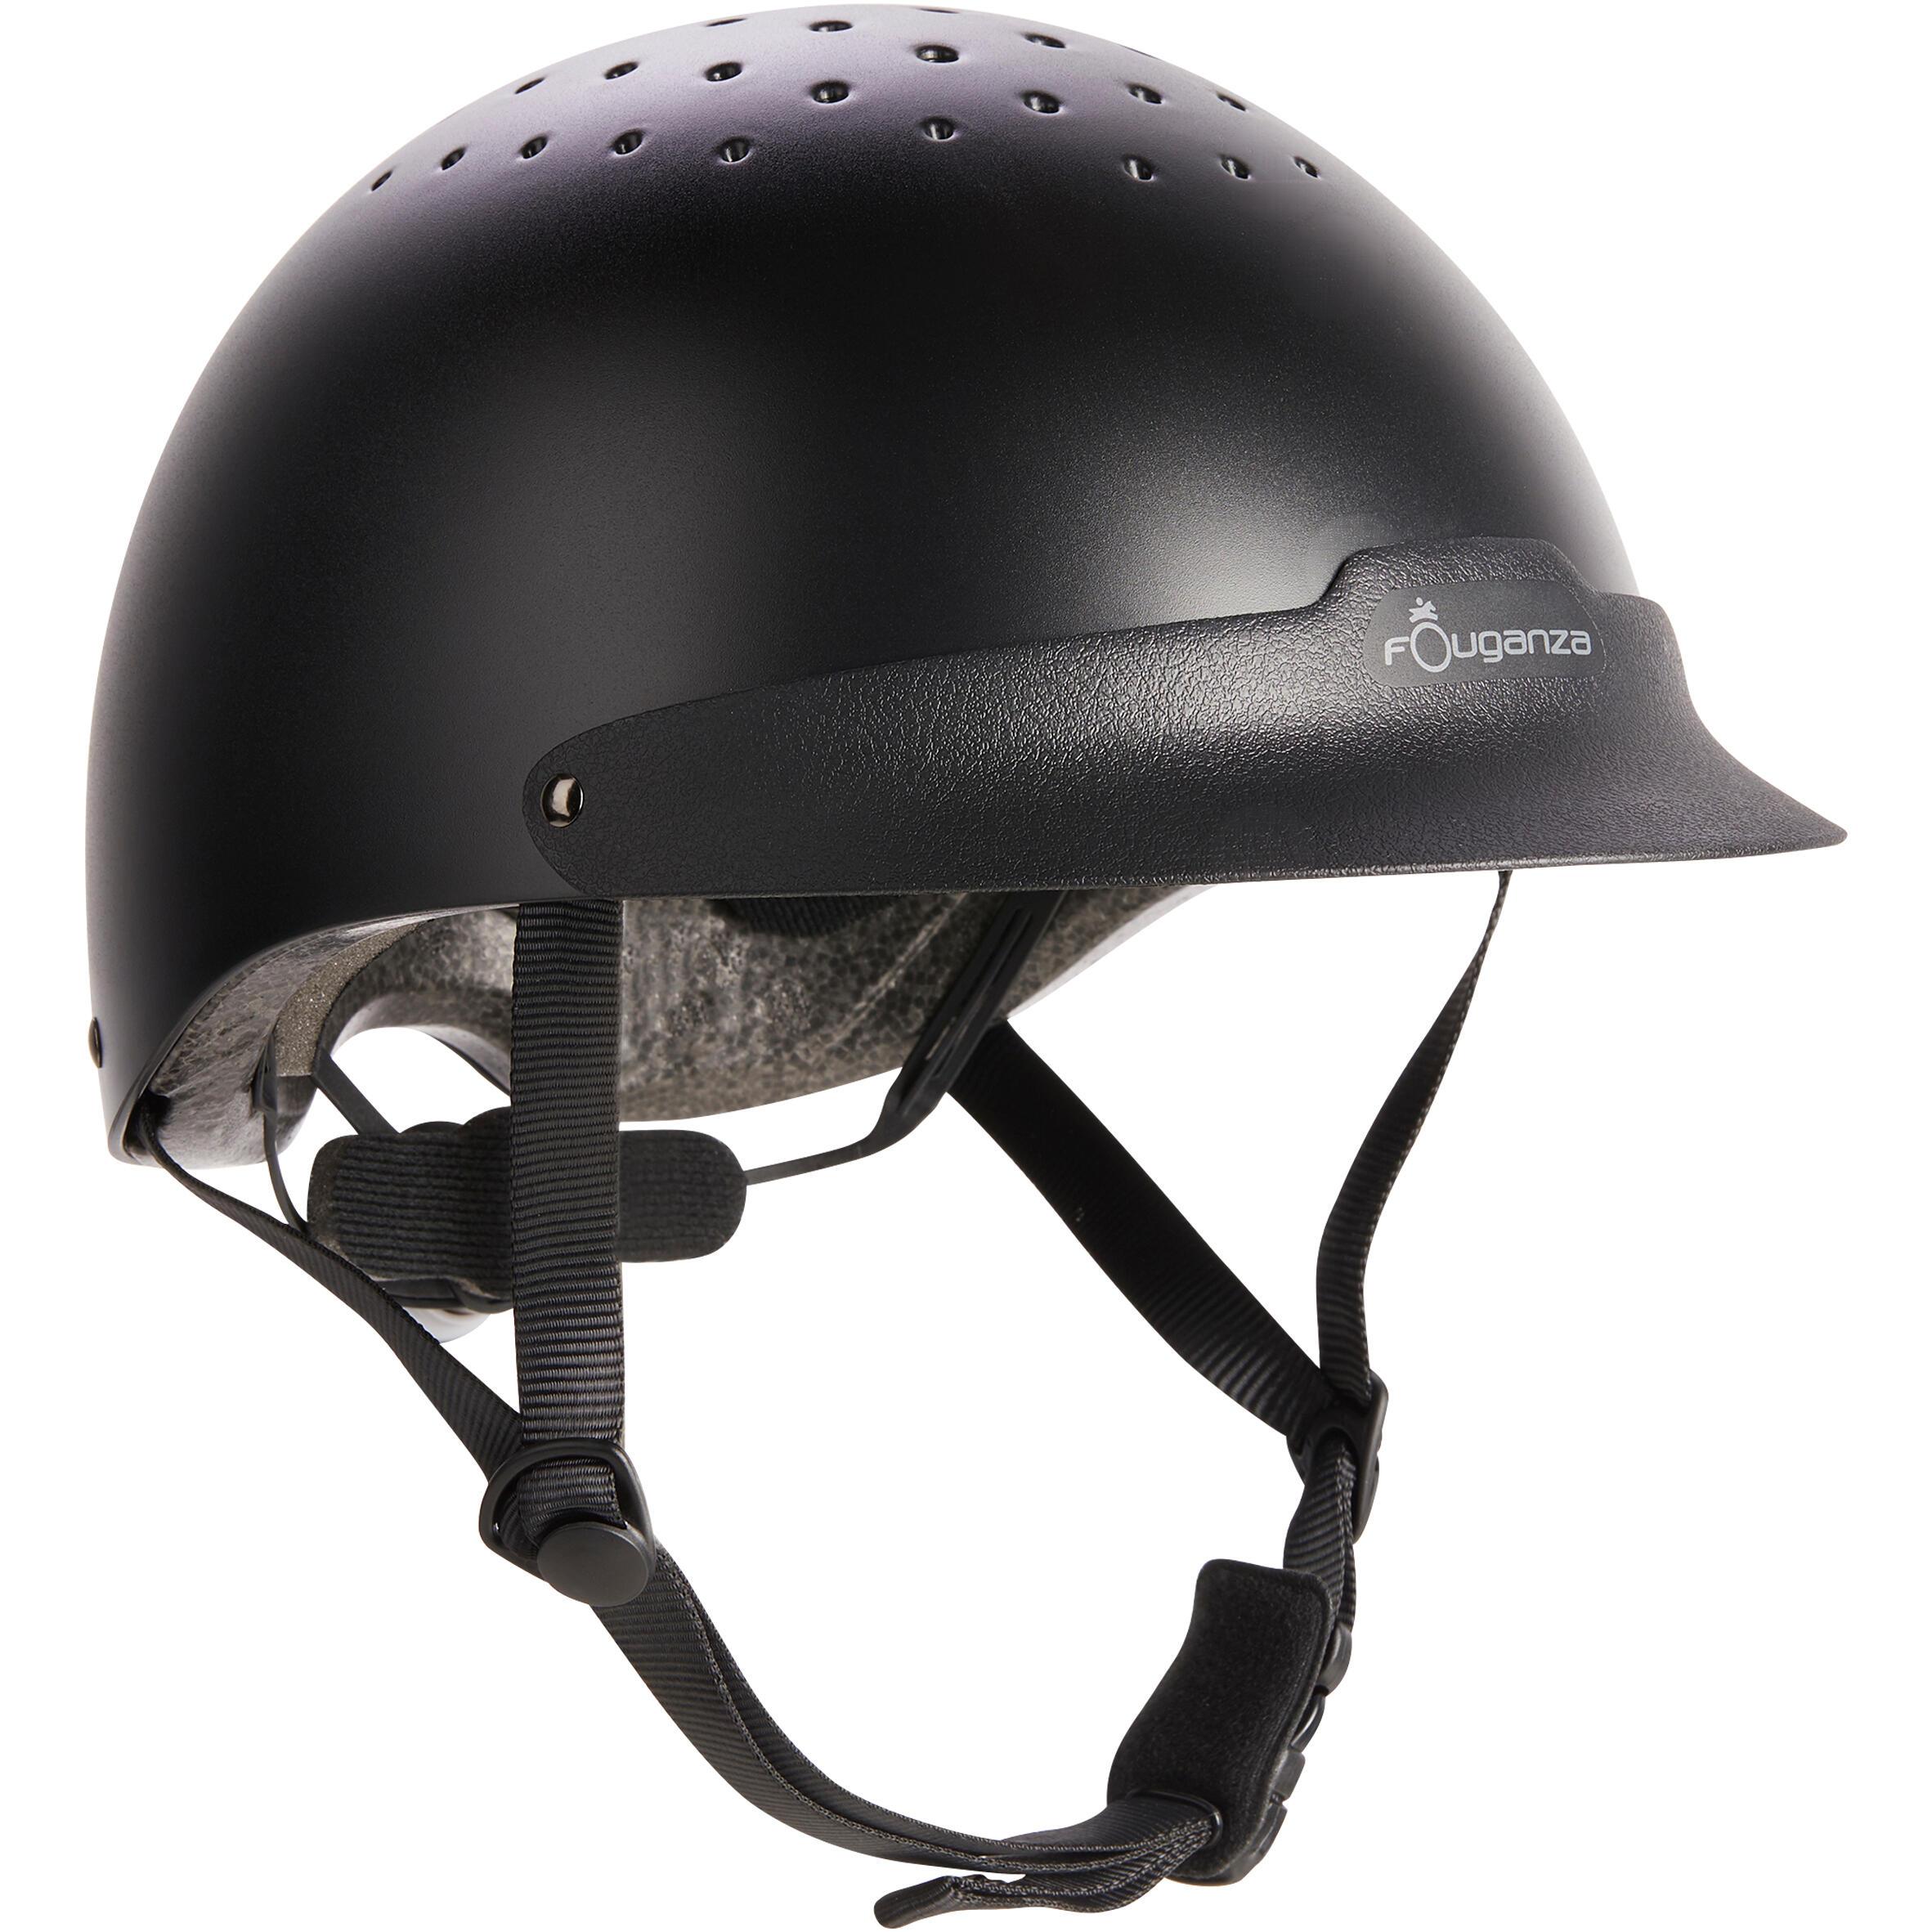 Fouganza Paardrijcap C100 zwart